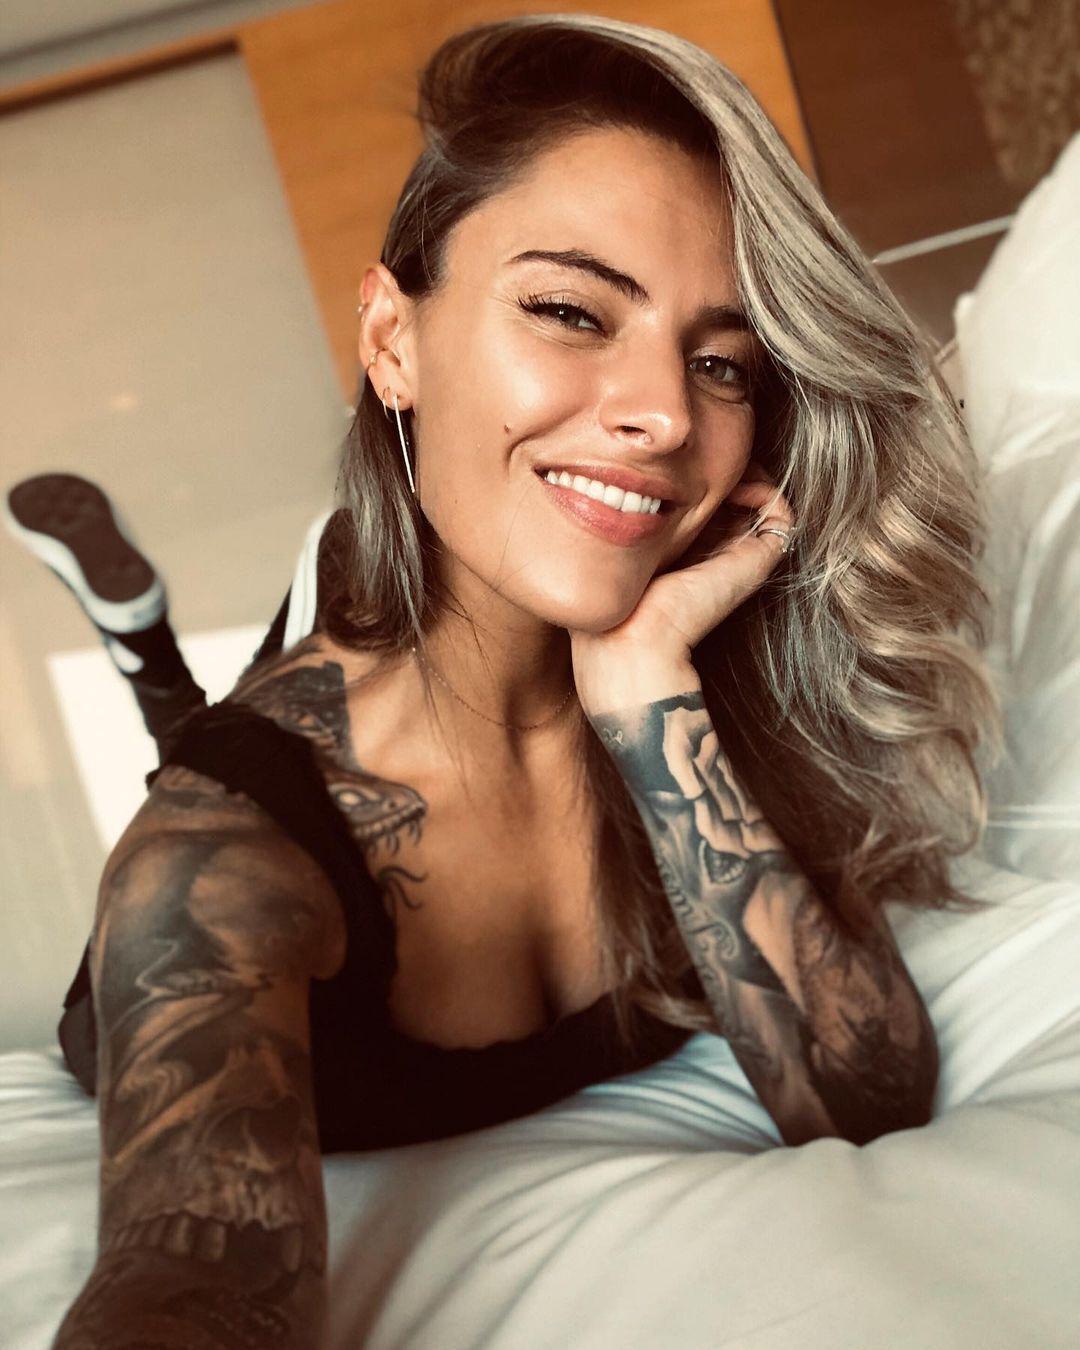 Софія Томалла позує на ліжку